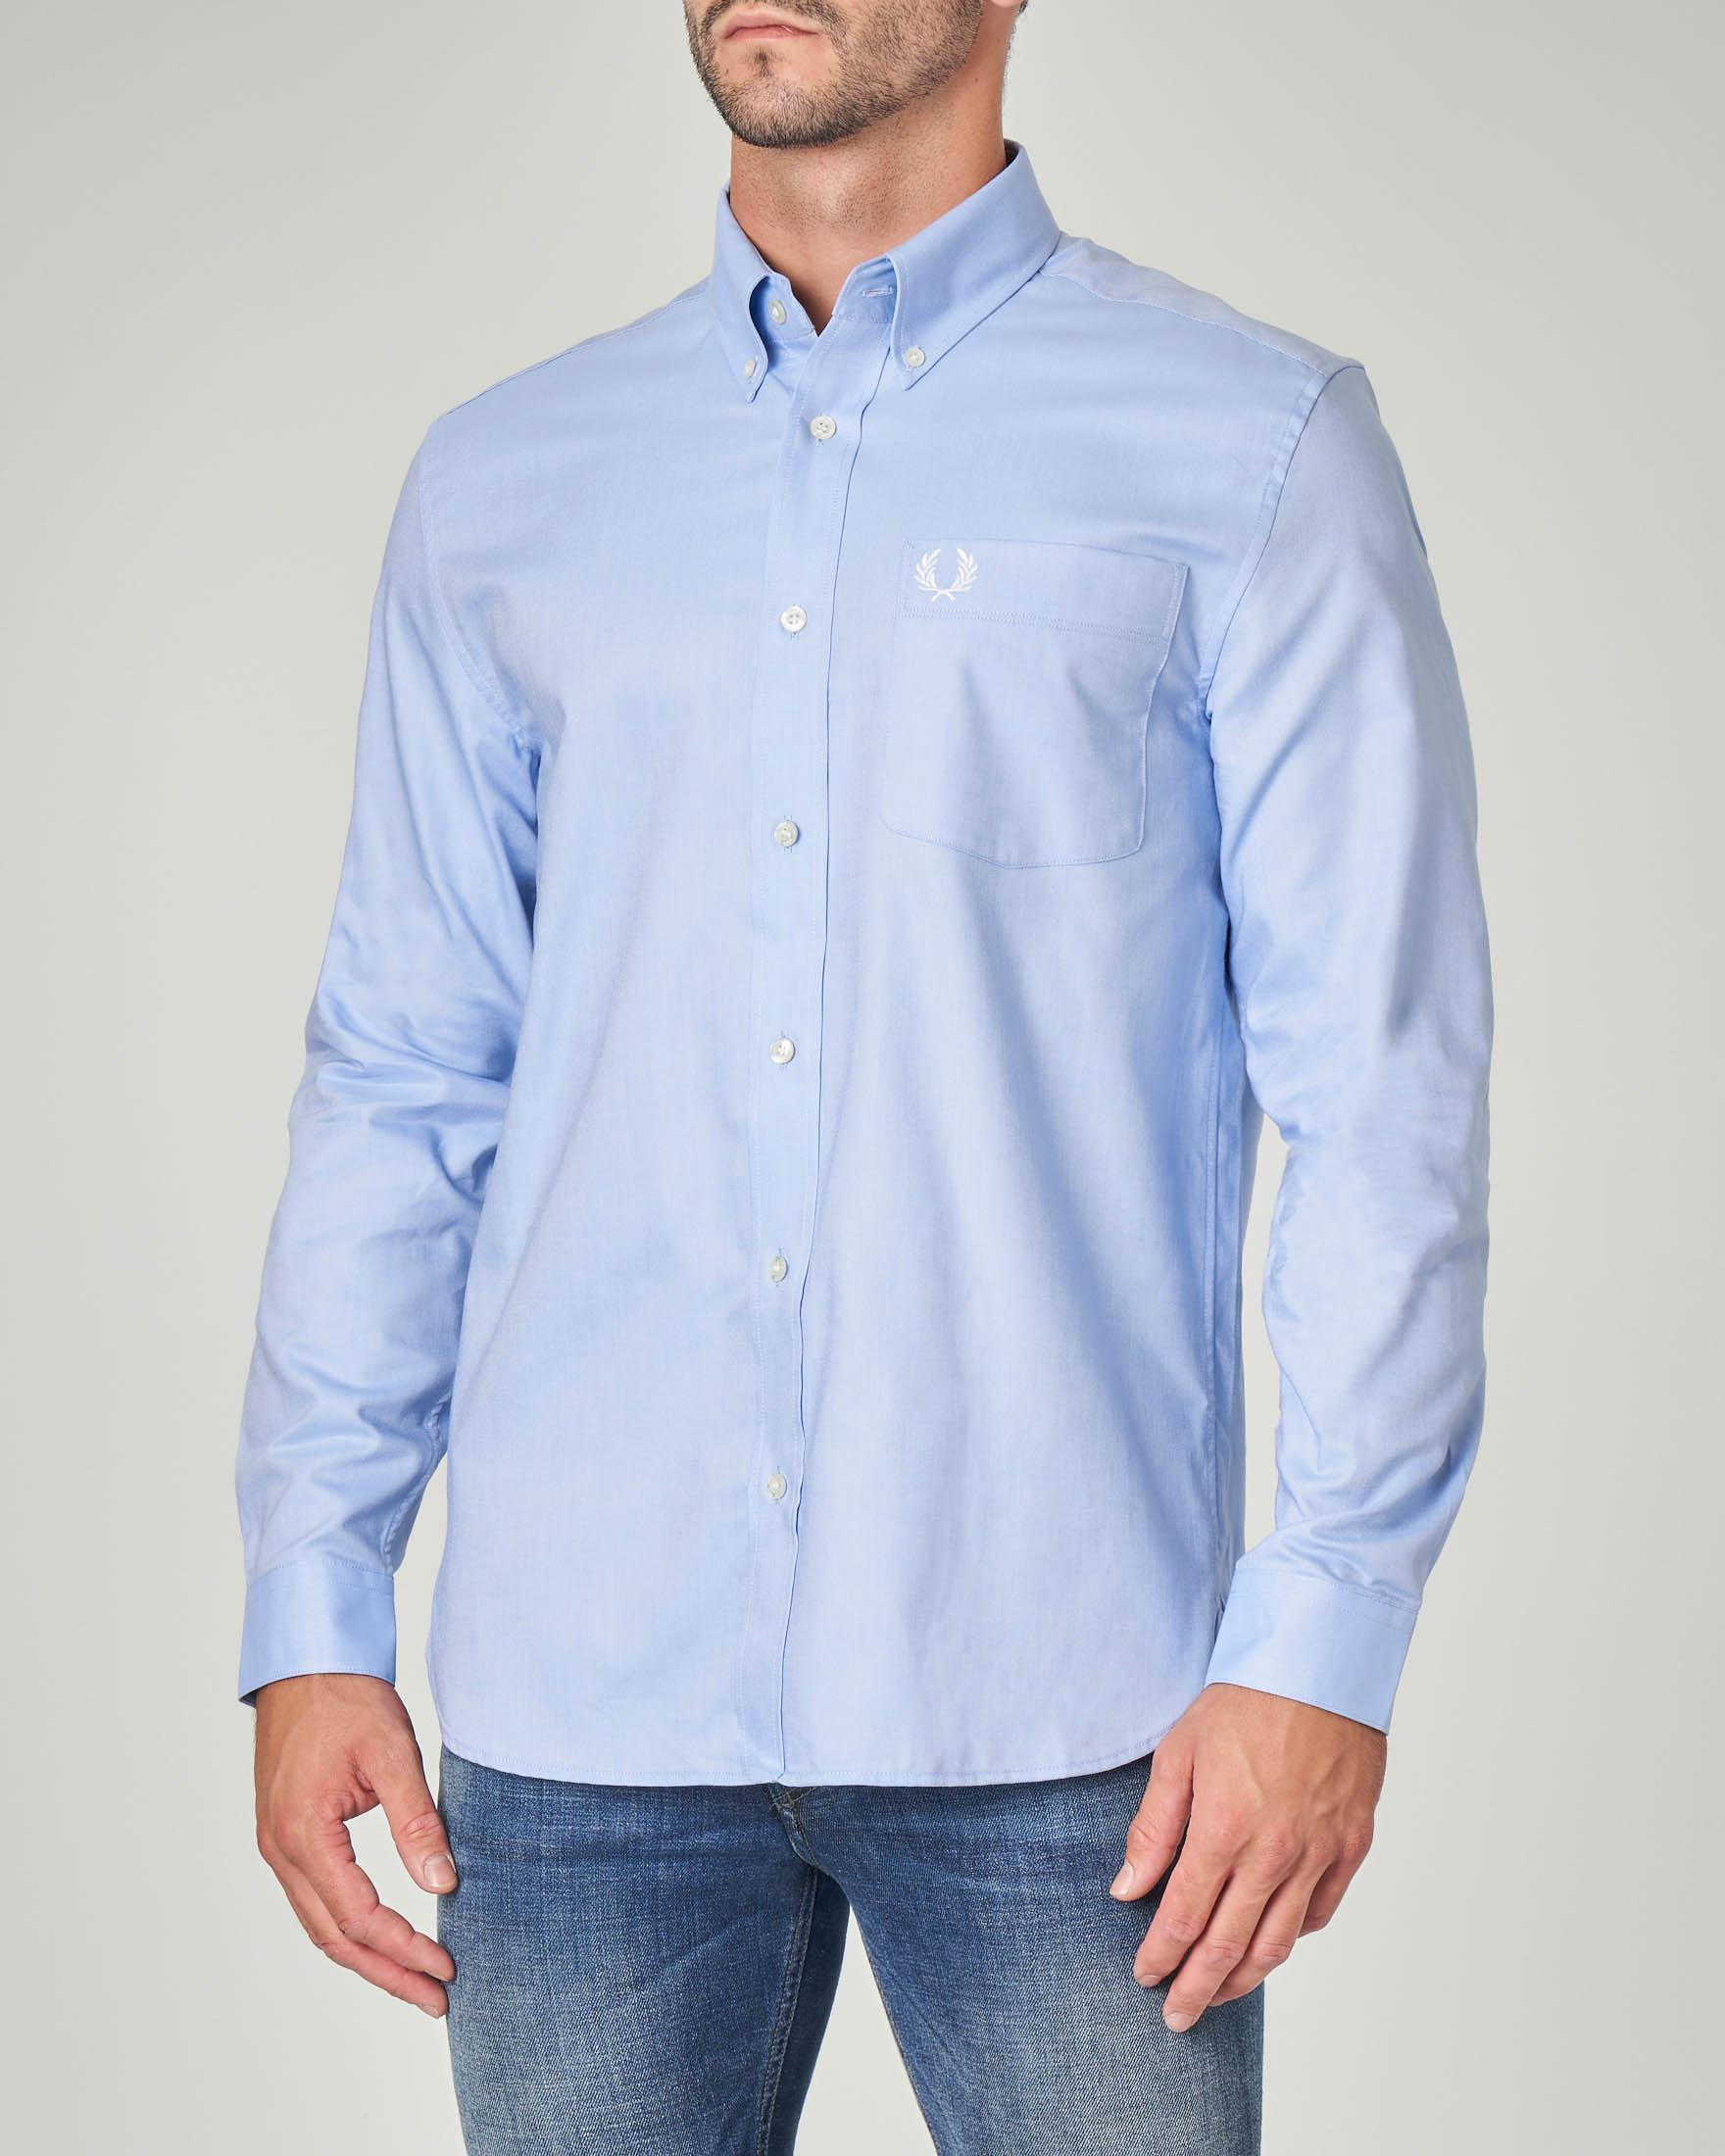 Camicia azzurra con taschino e collo button down